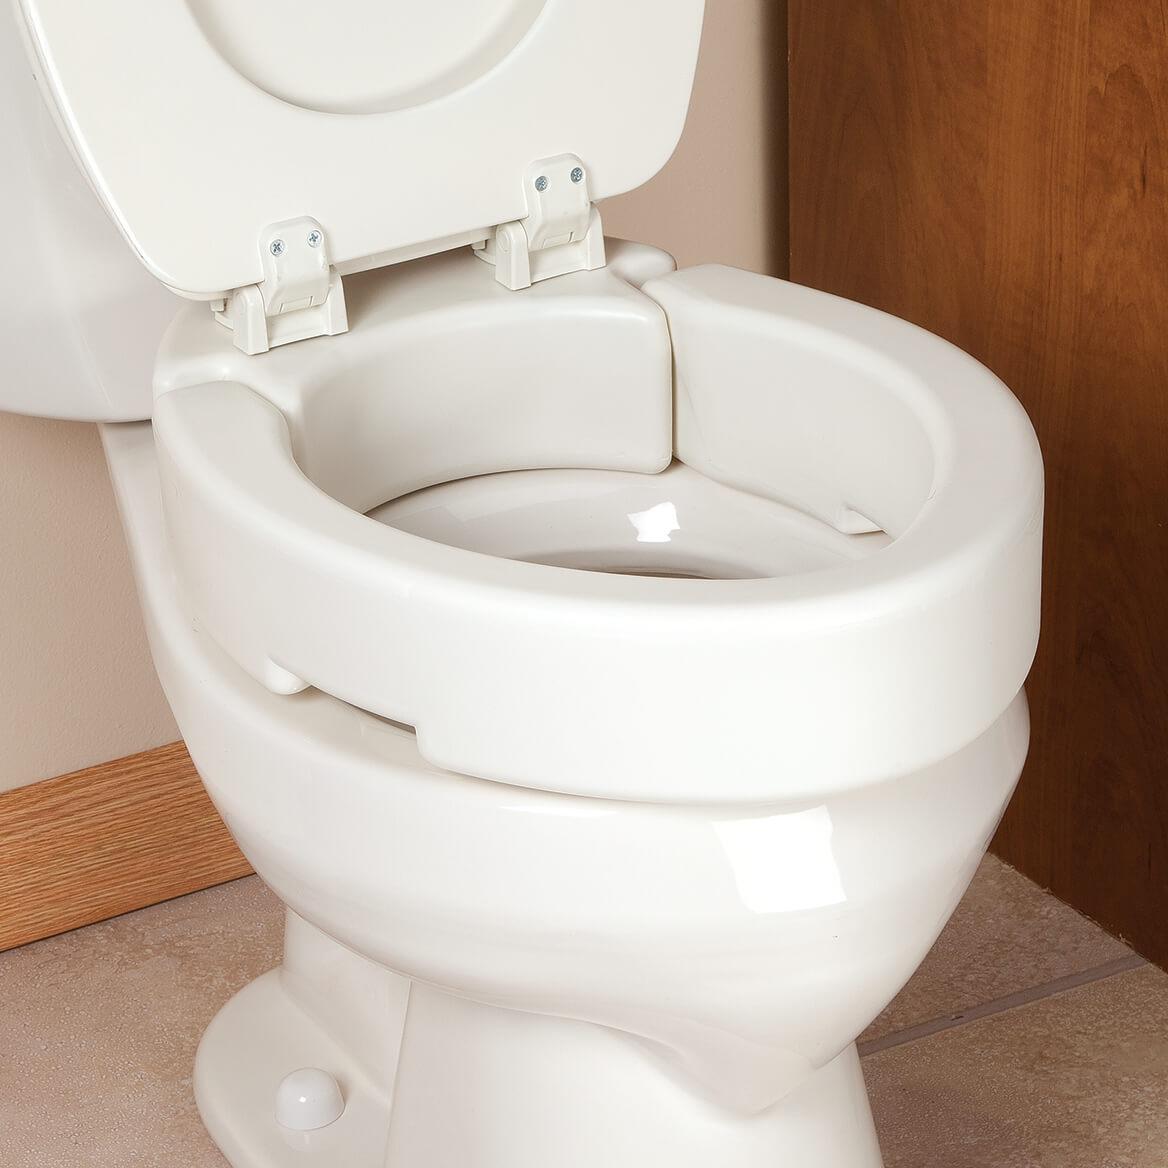 Hinged Toilet Seat Riser-355526